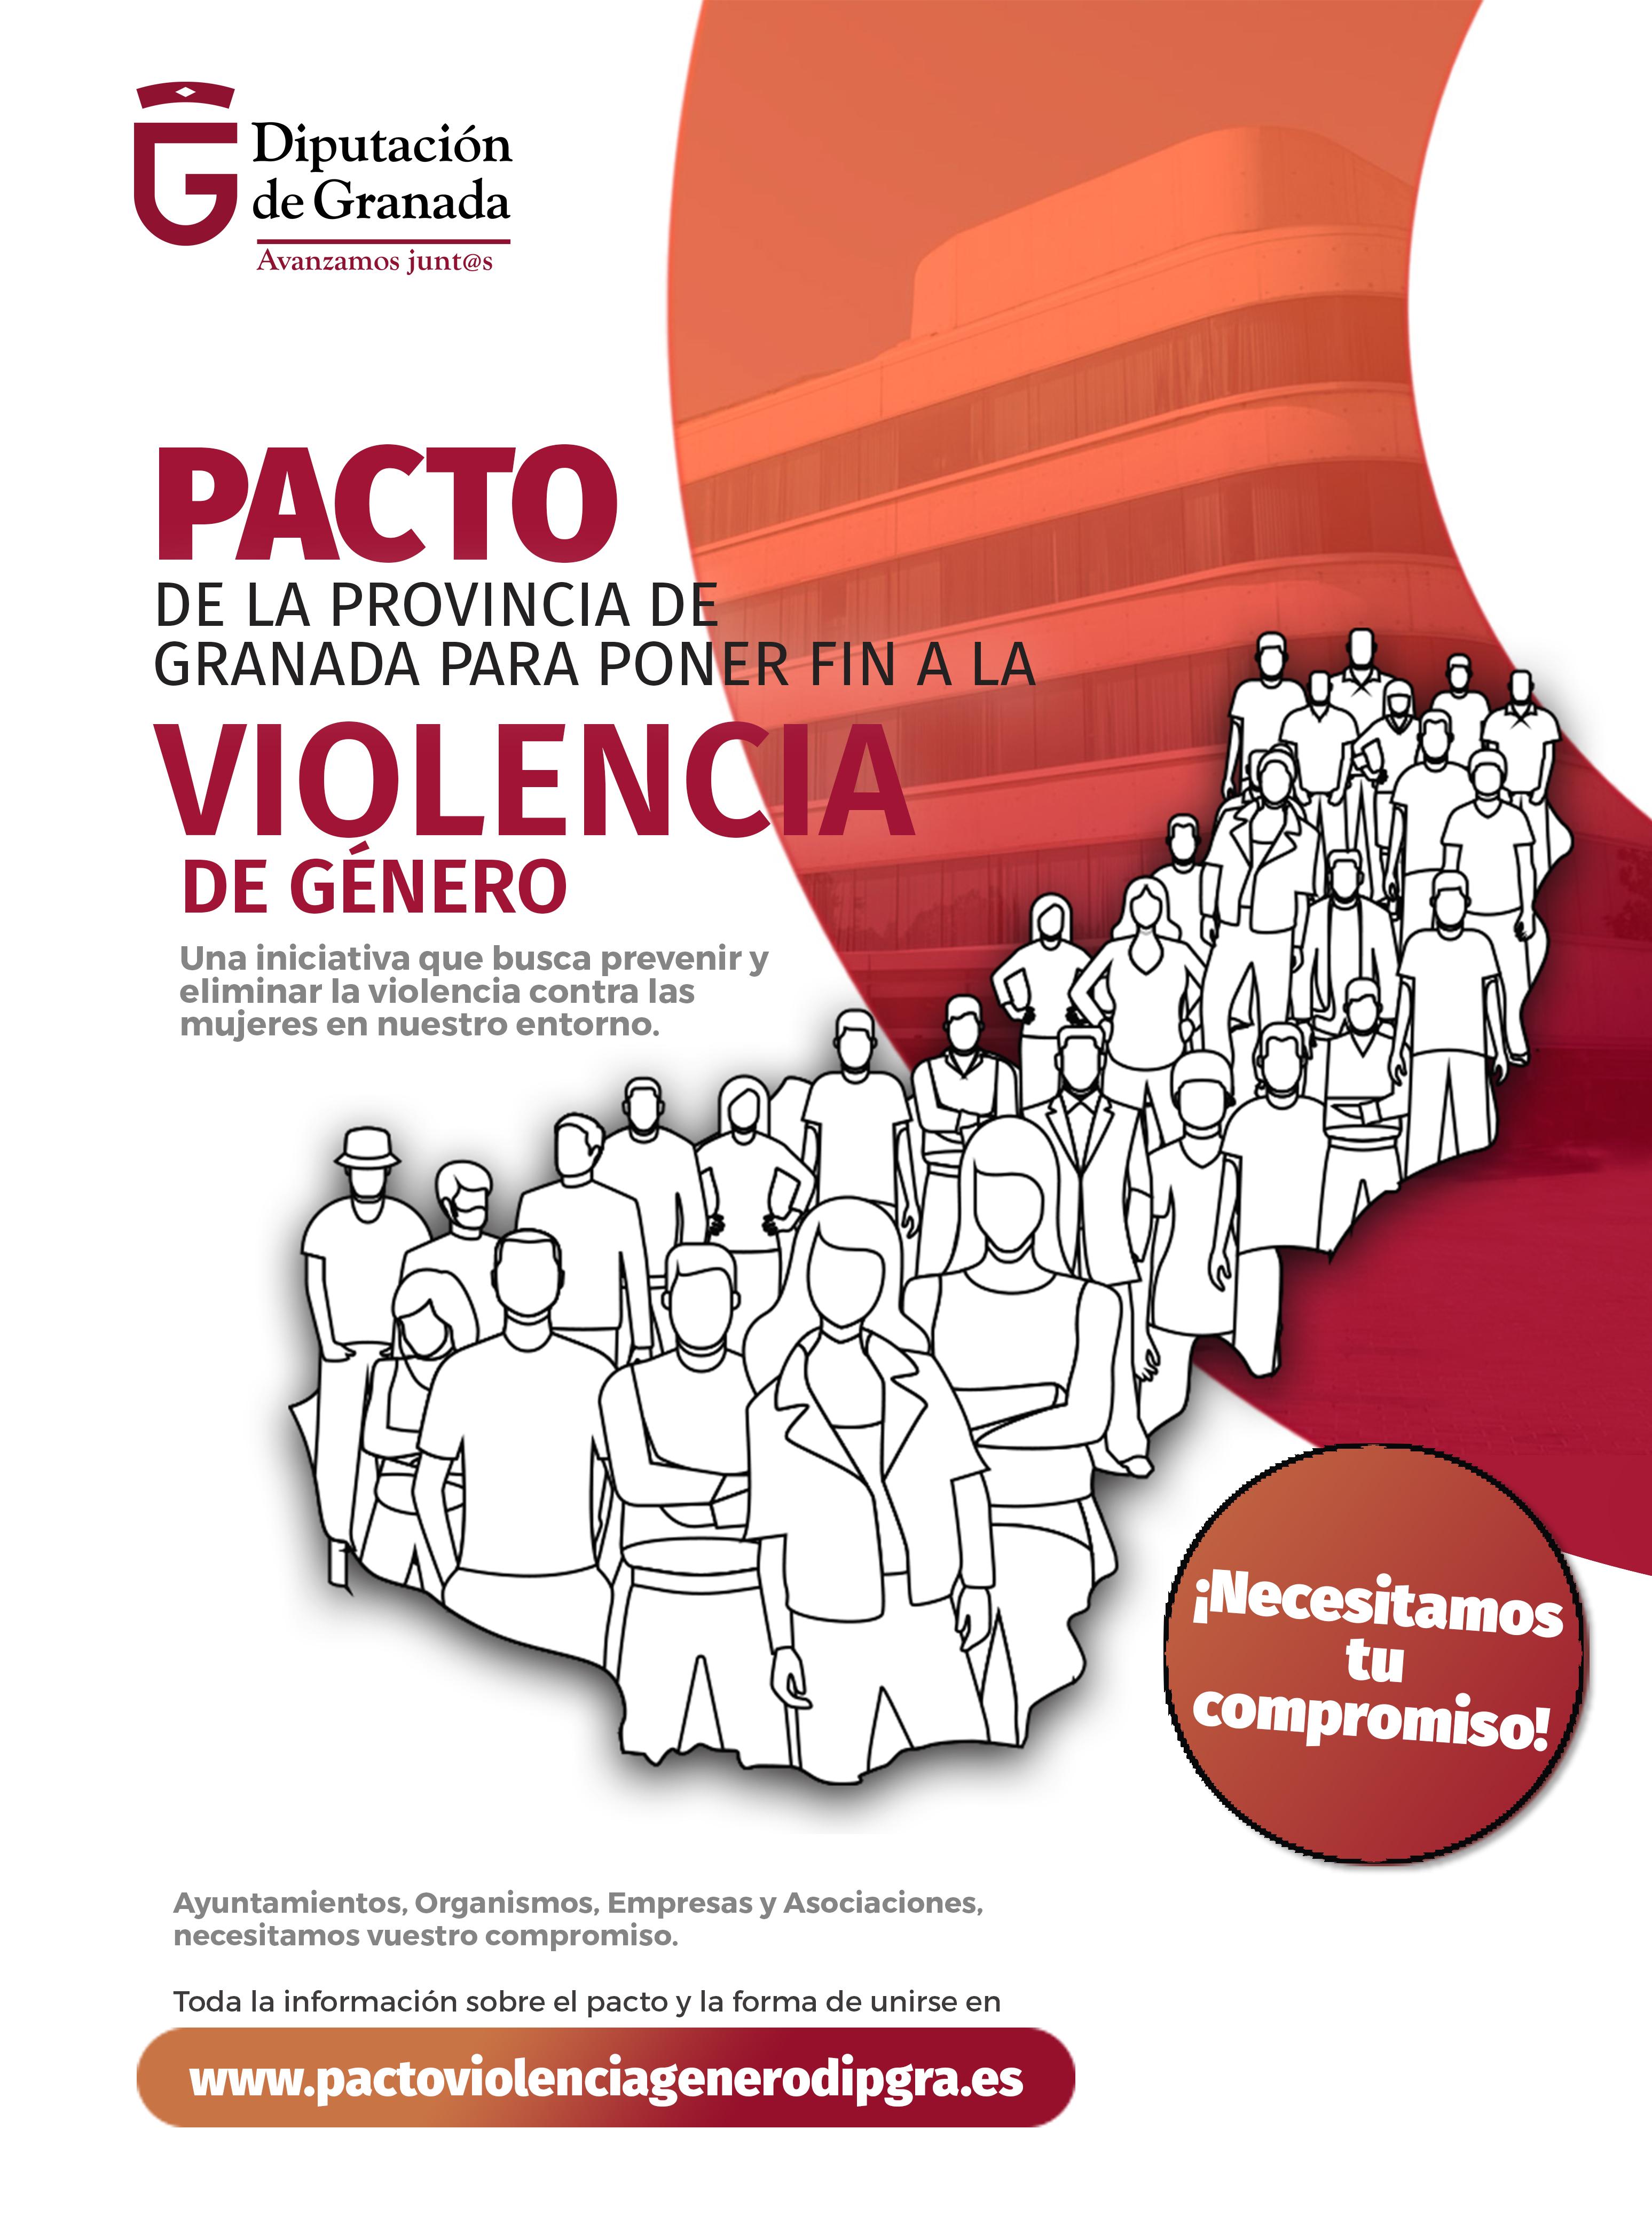 Diputación inicia una campaña para sumar fuerzas en torno al Pacto Provincial contra la Violencia de Género